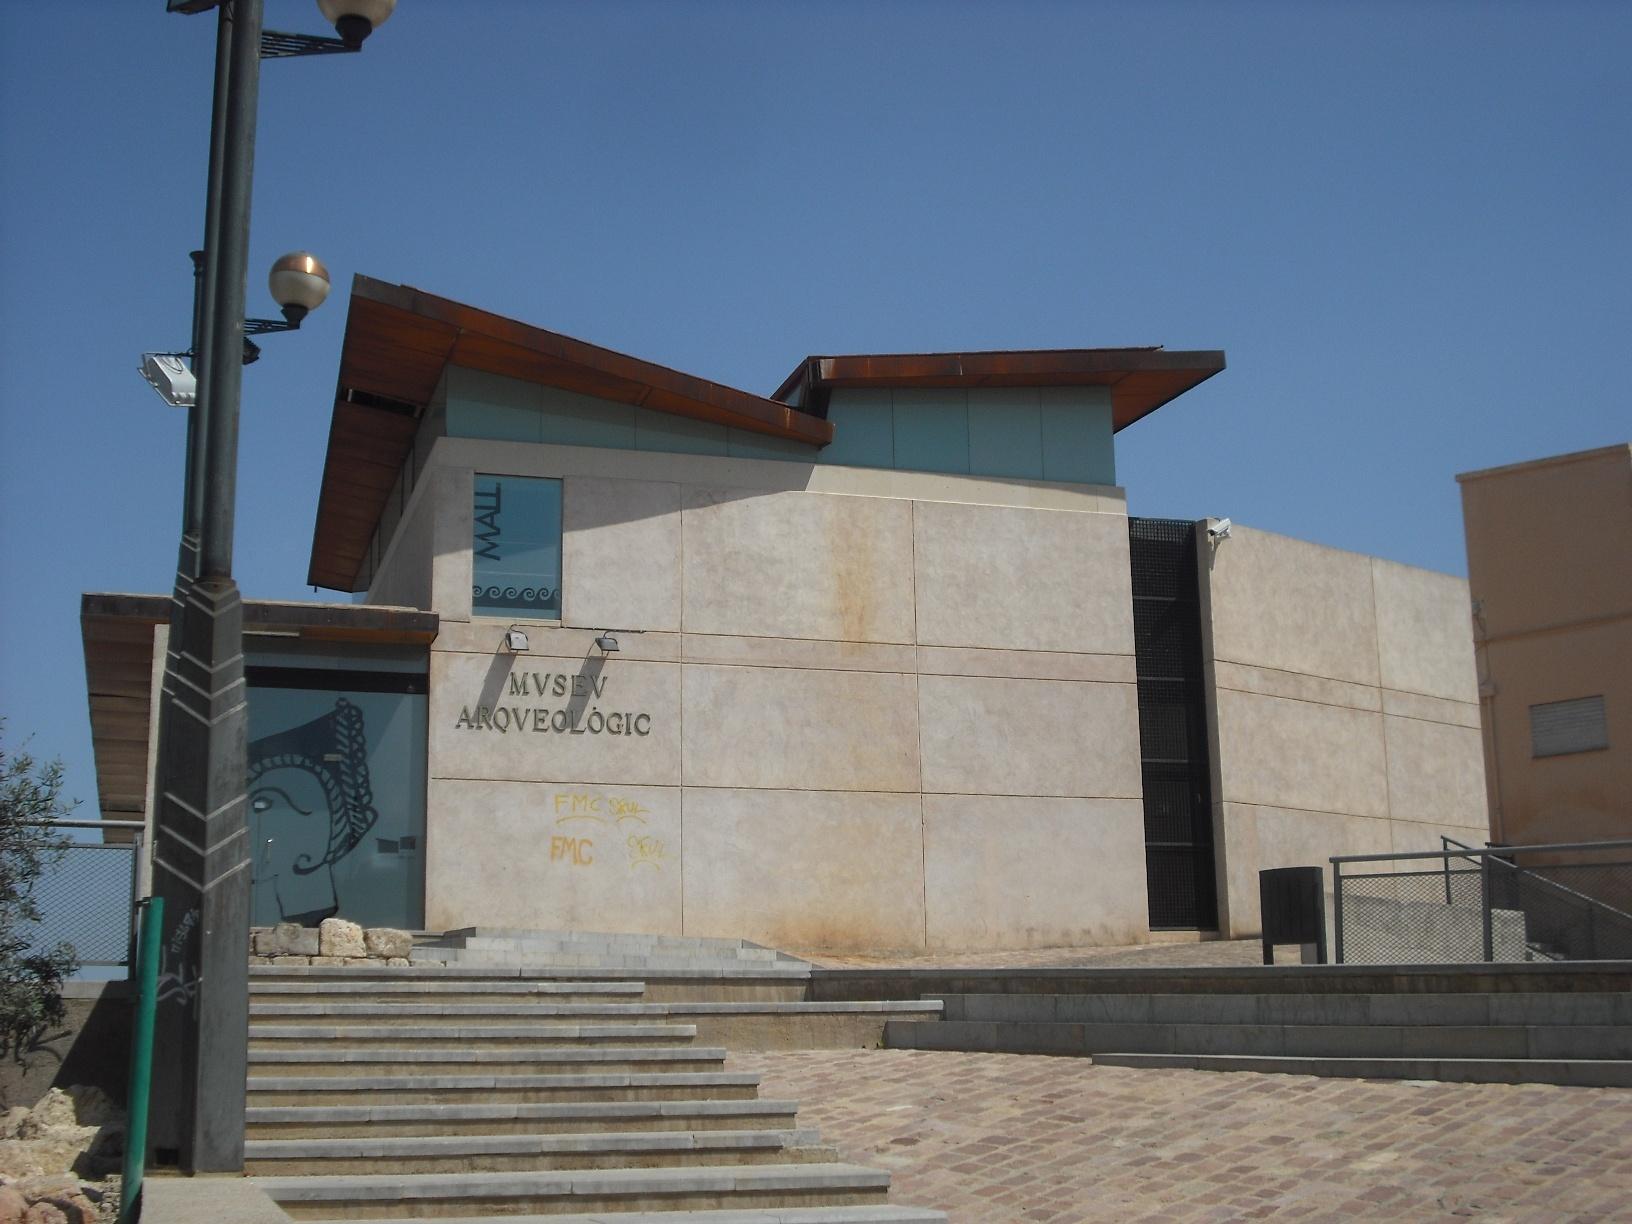 museu arqueologic: